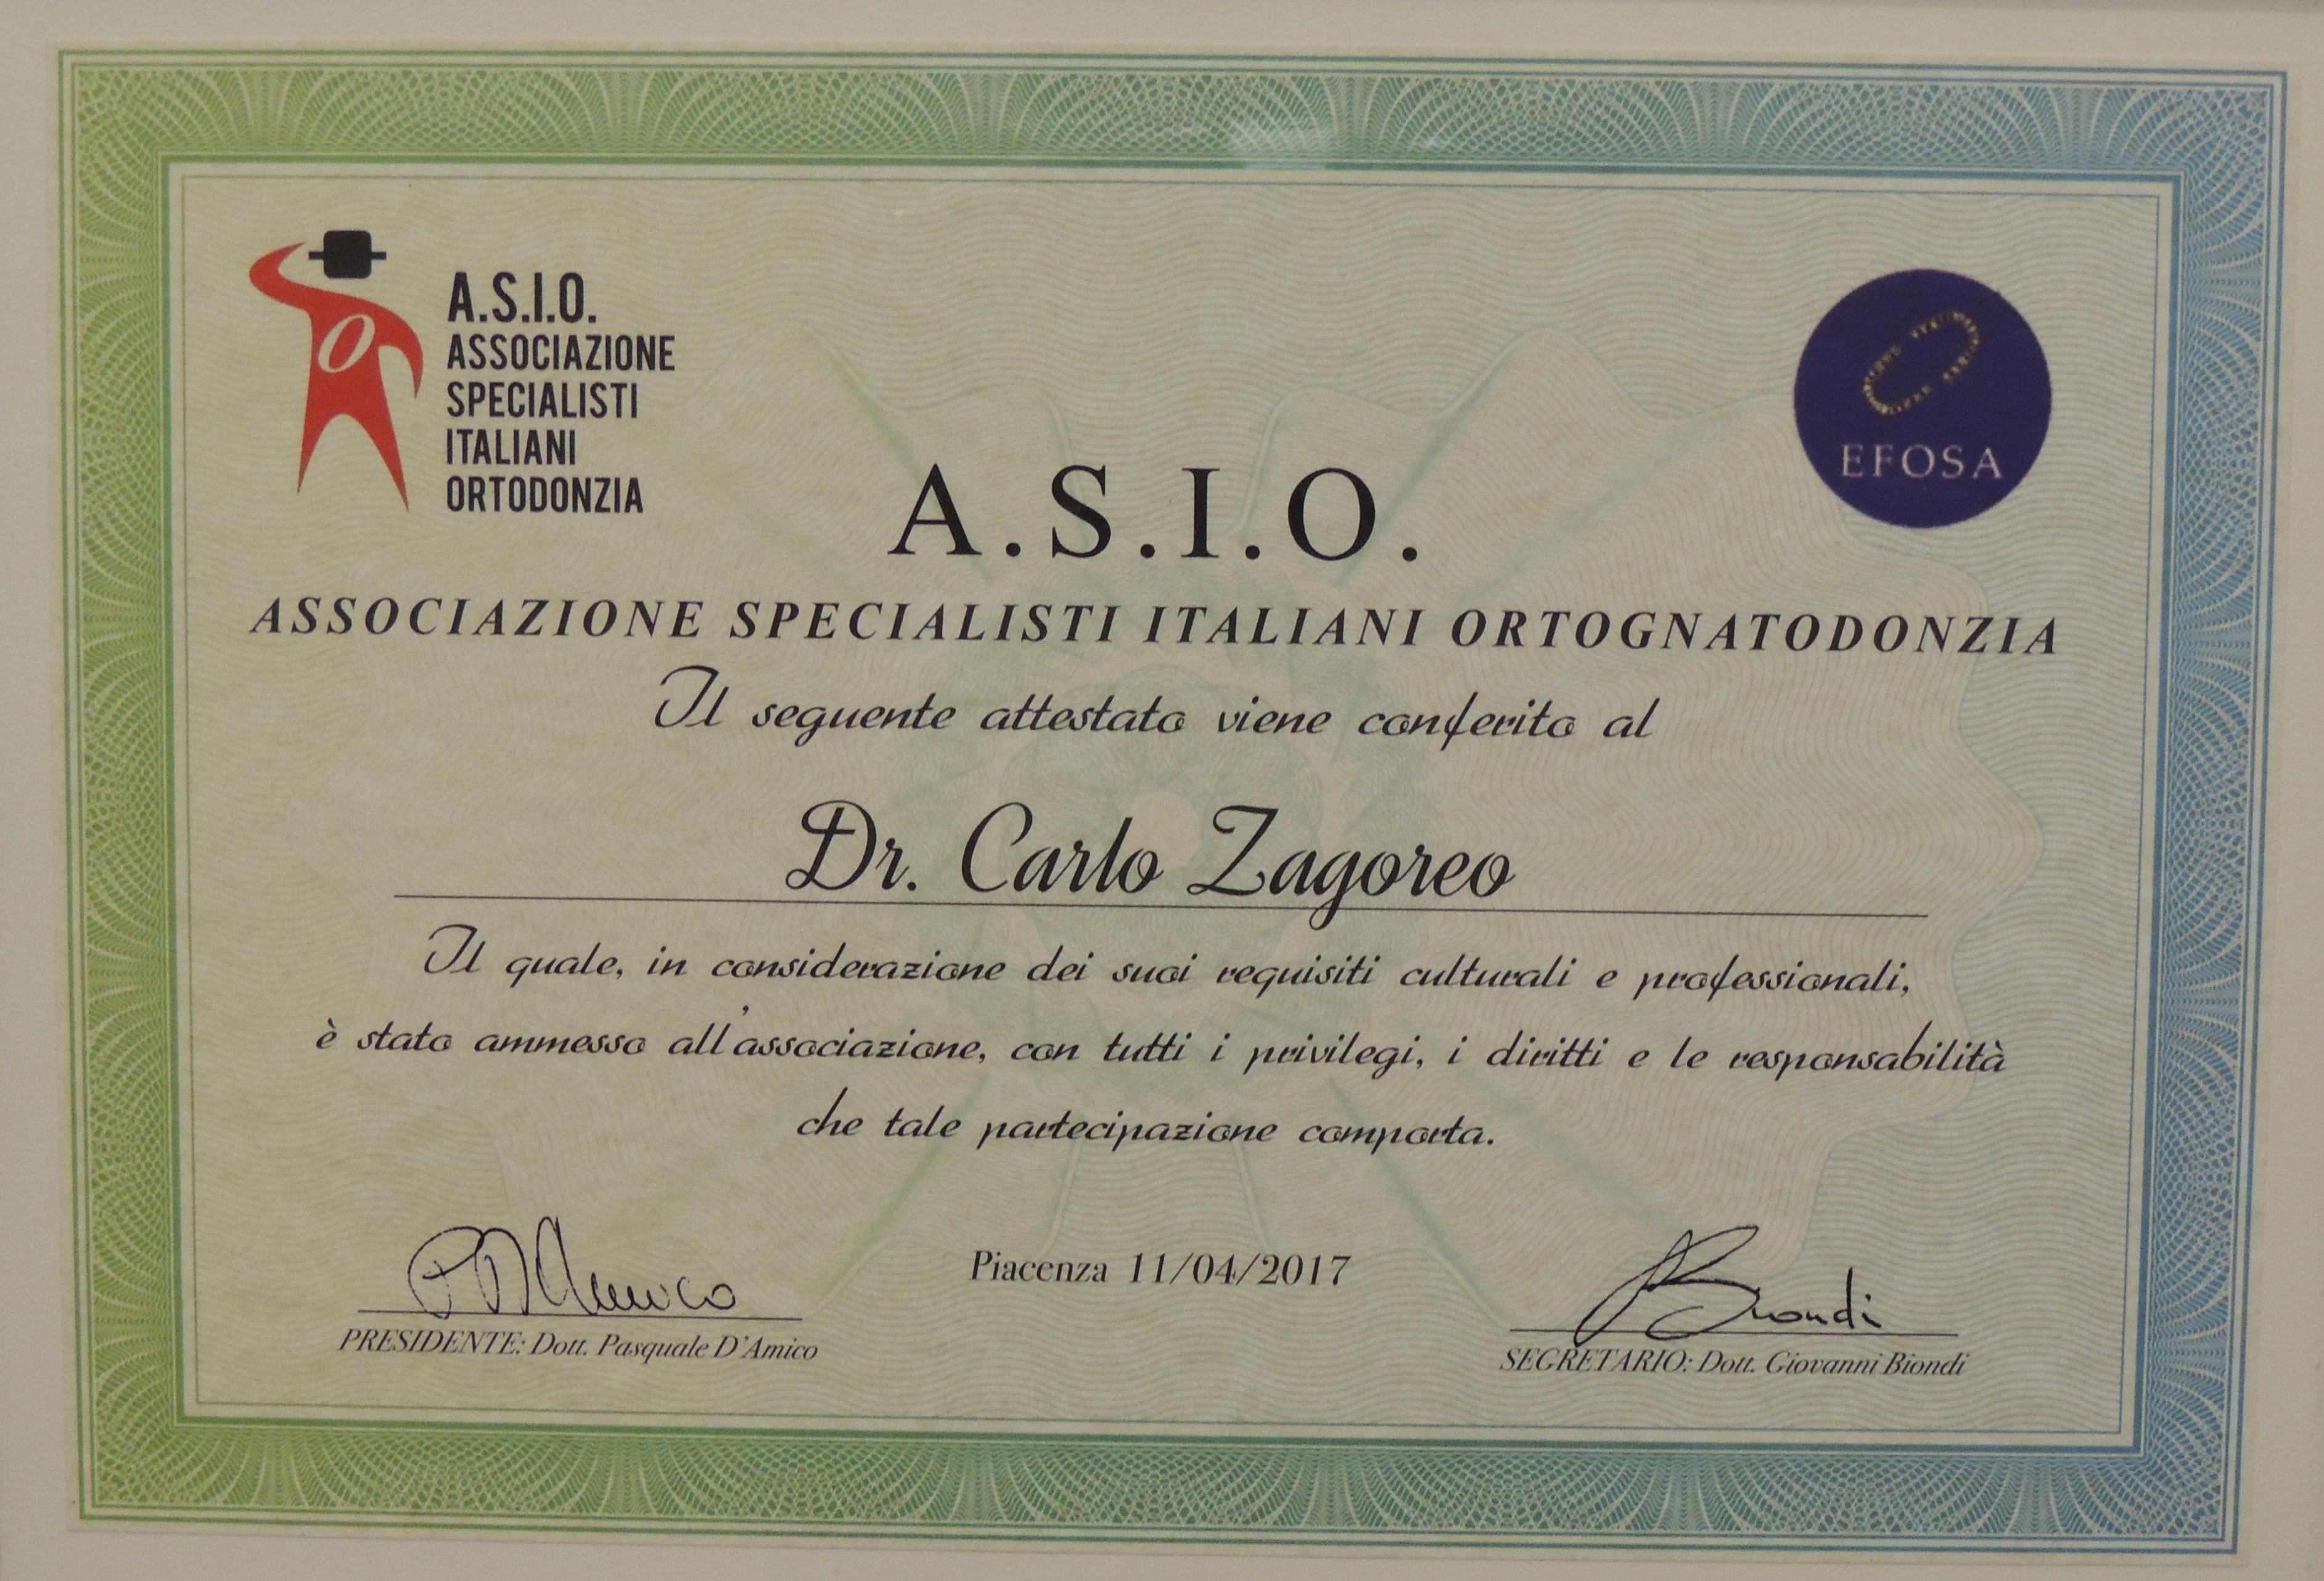 Socio associazione italiana specialisti ortodonzia